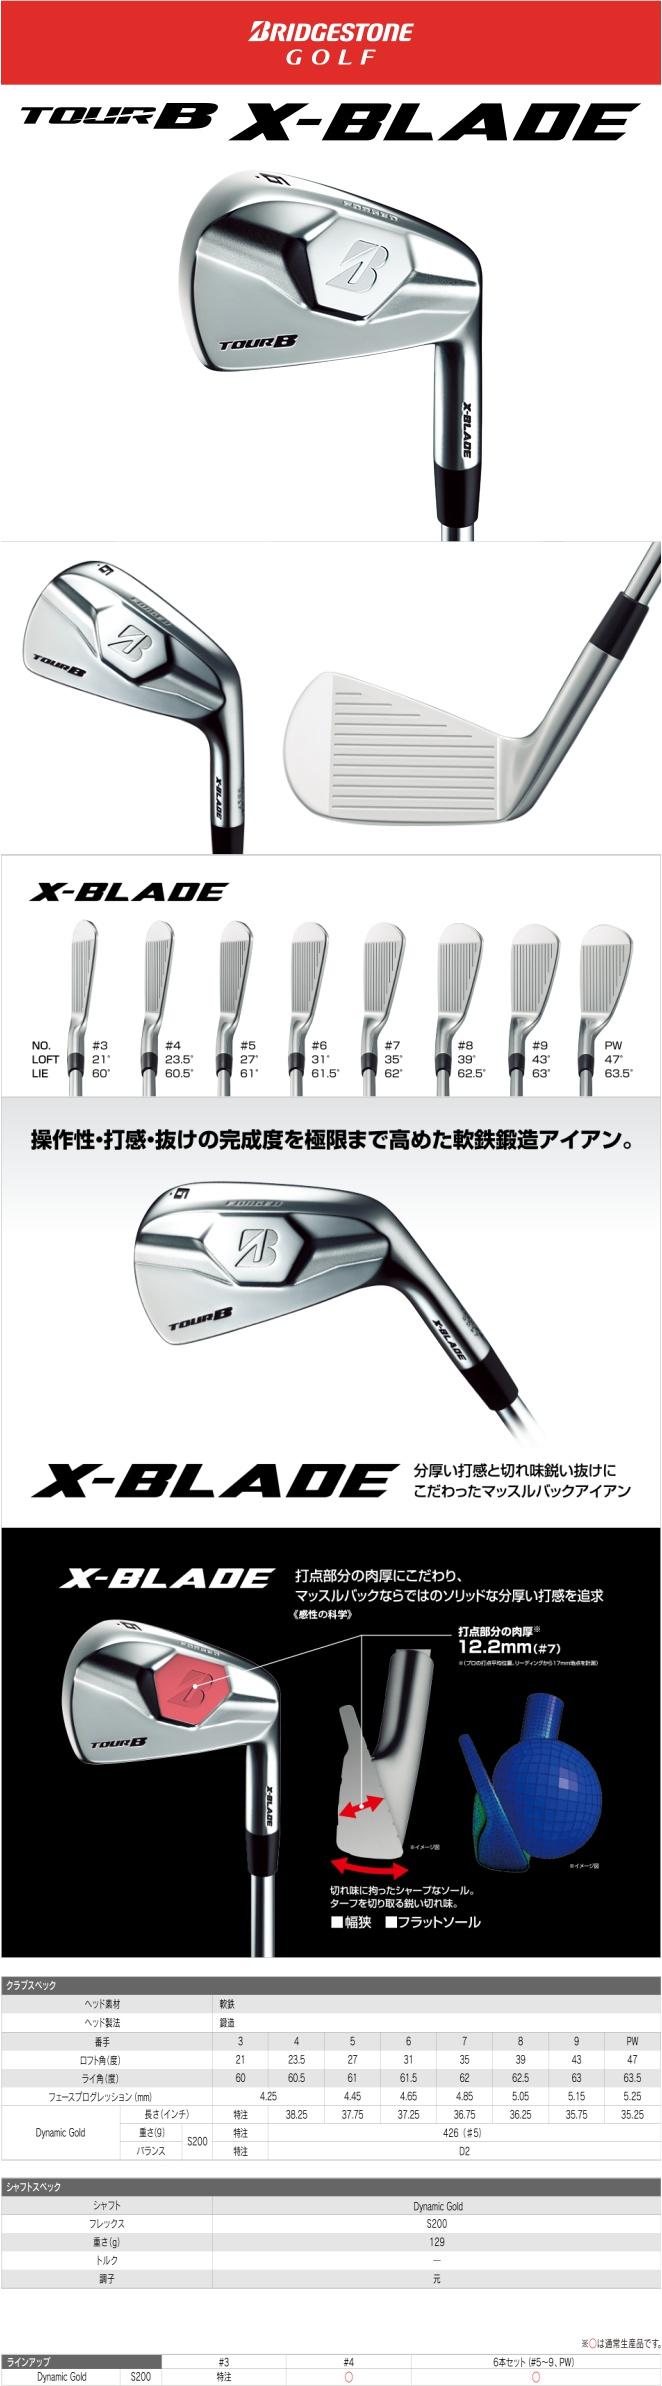 Bridgestone Tour B X-Blade Iron